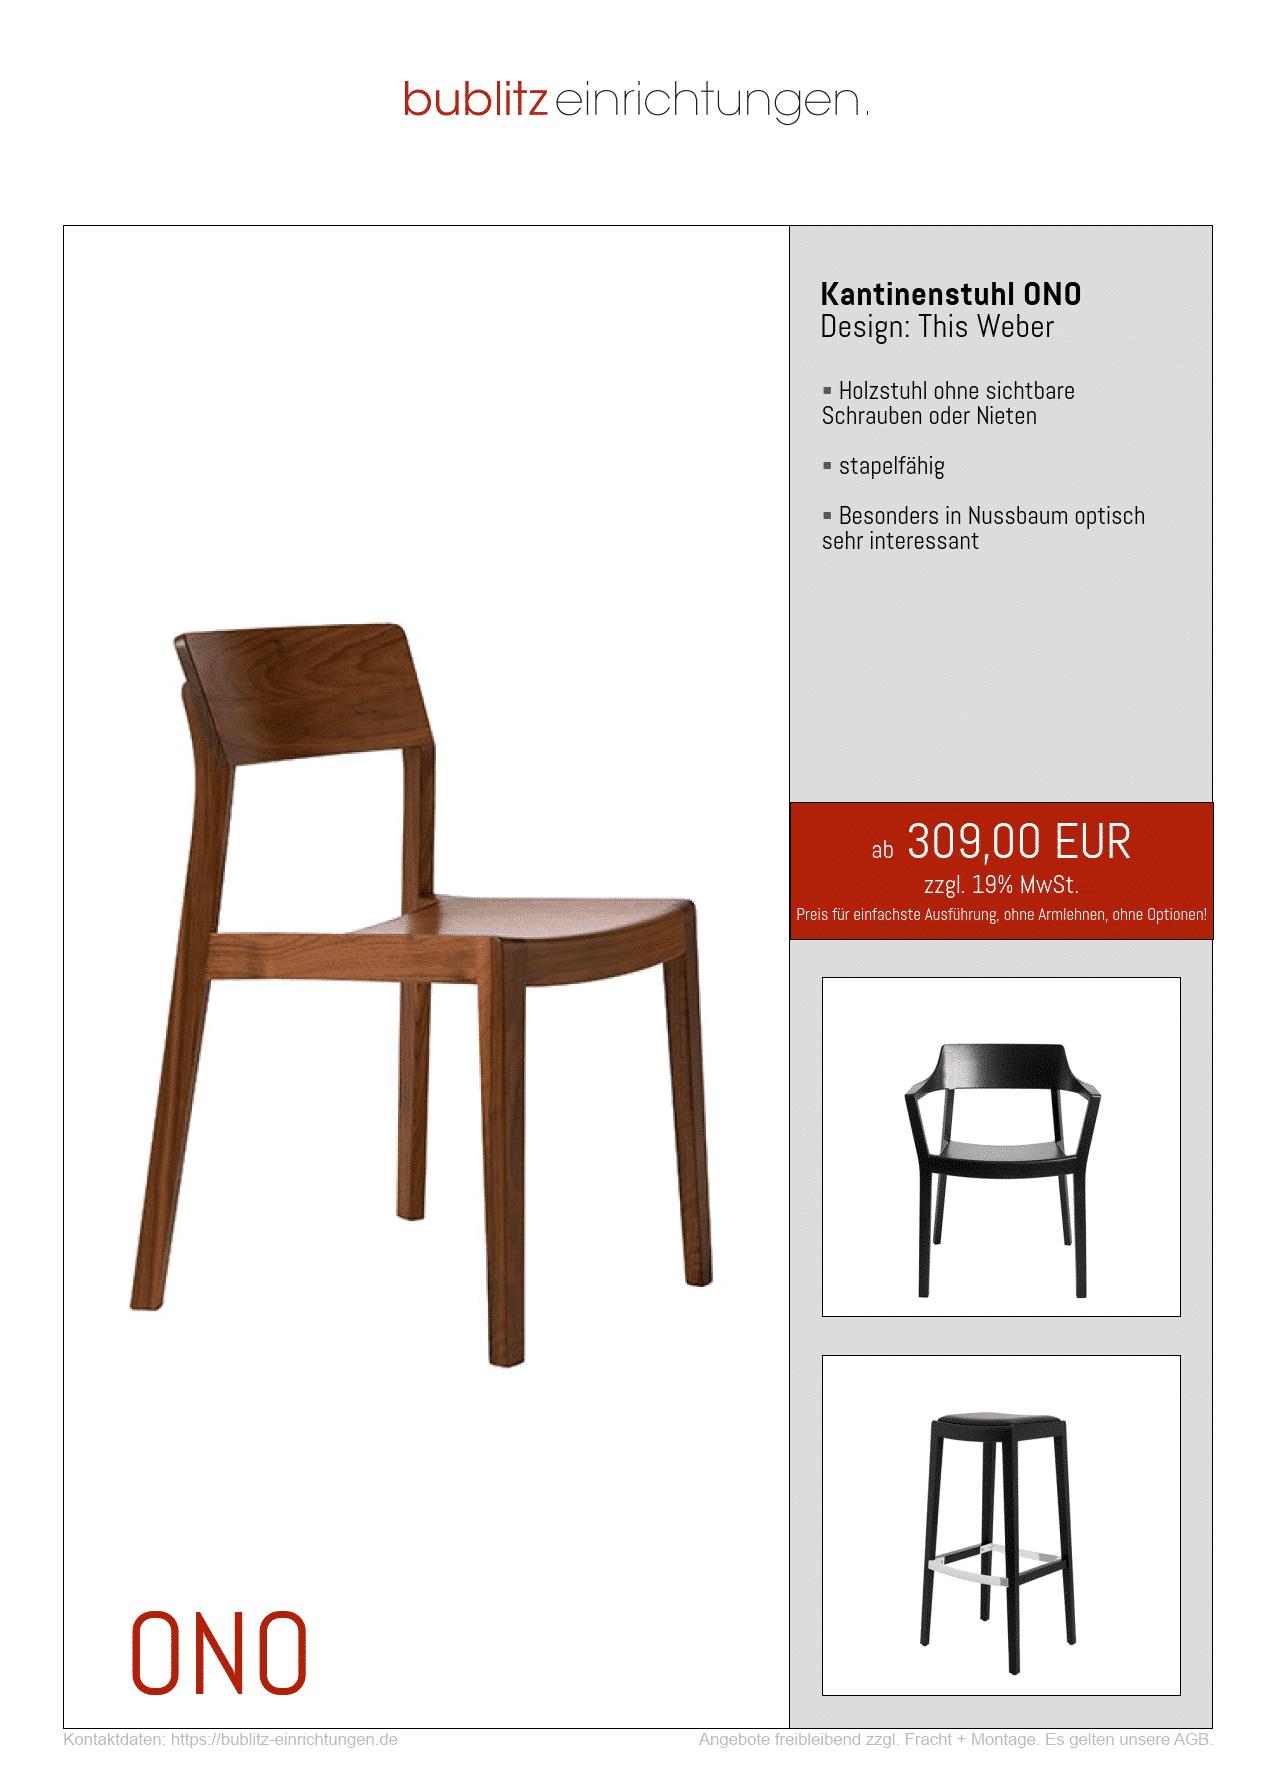 Voll-Massivholz-Stuhl ONO für Kantine + Aufenthaltsraum